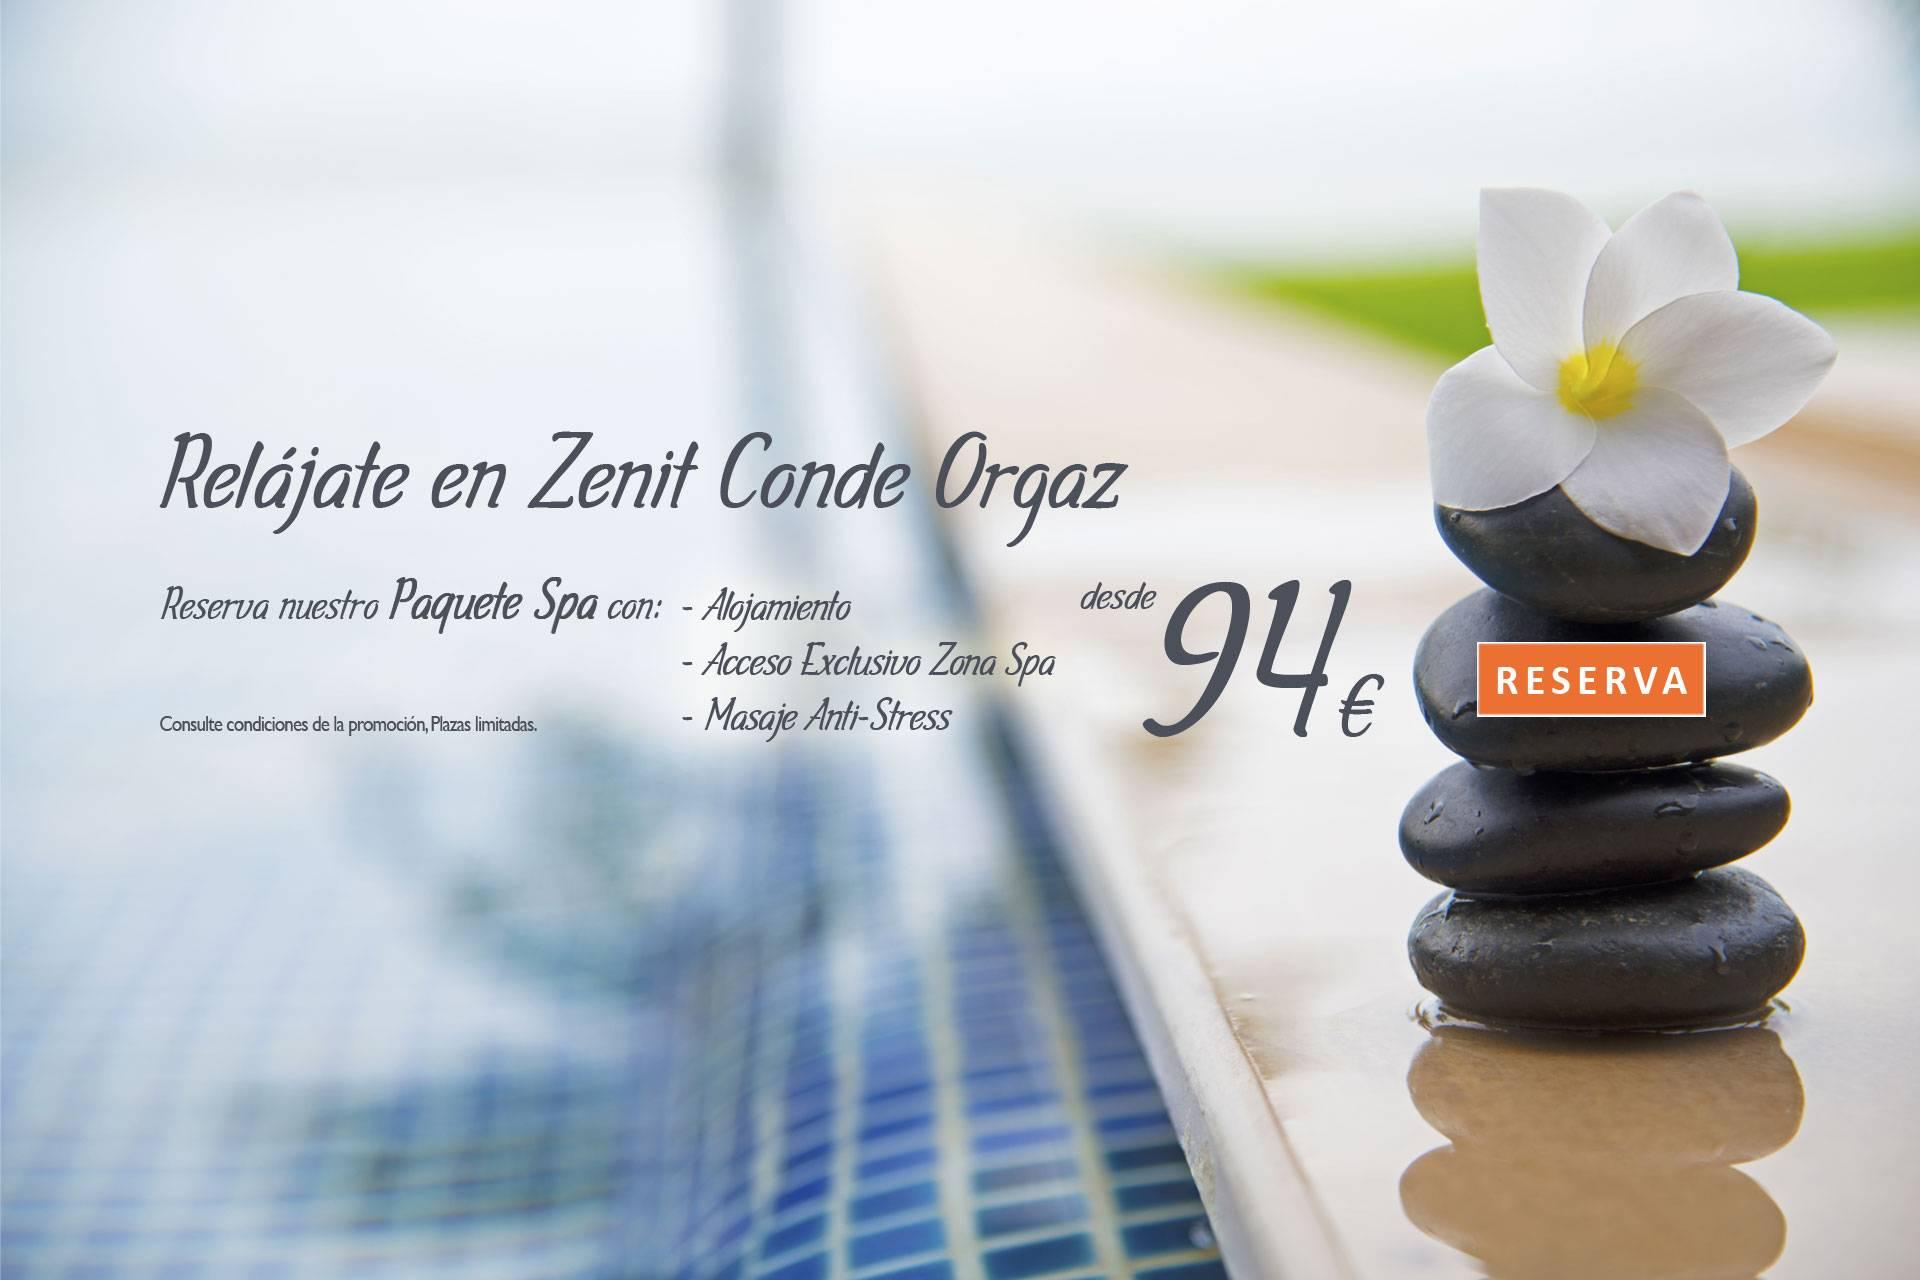 Zenit Conde Orgaz Relax